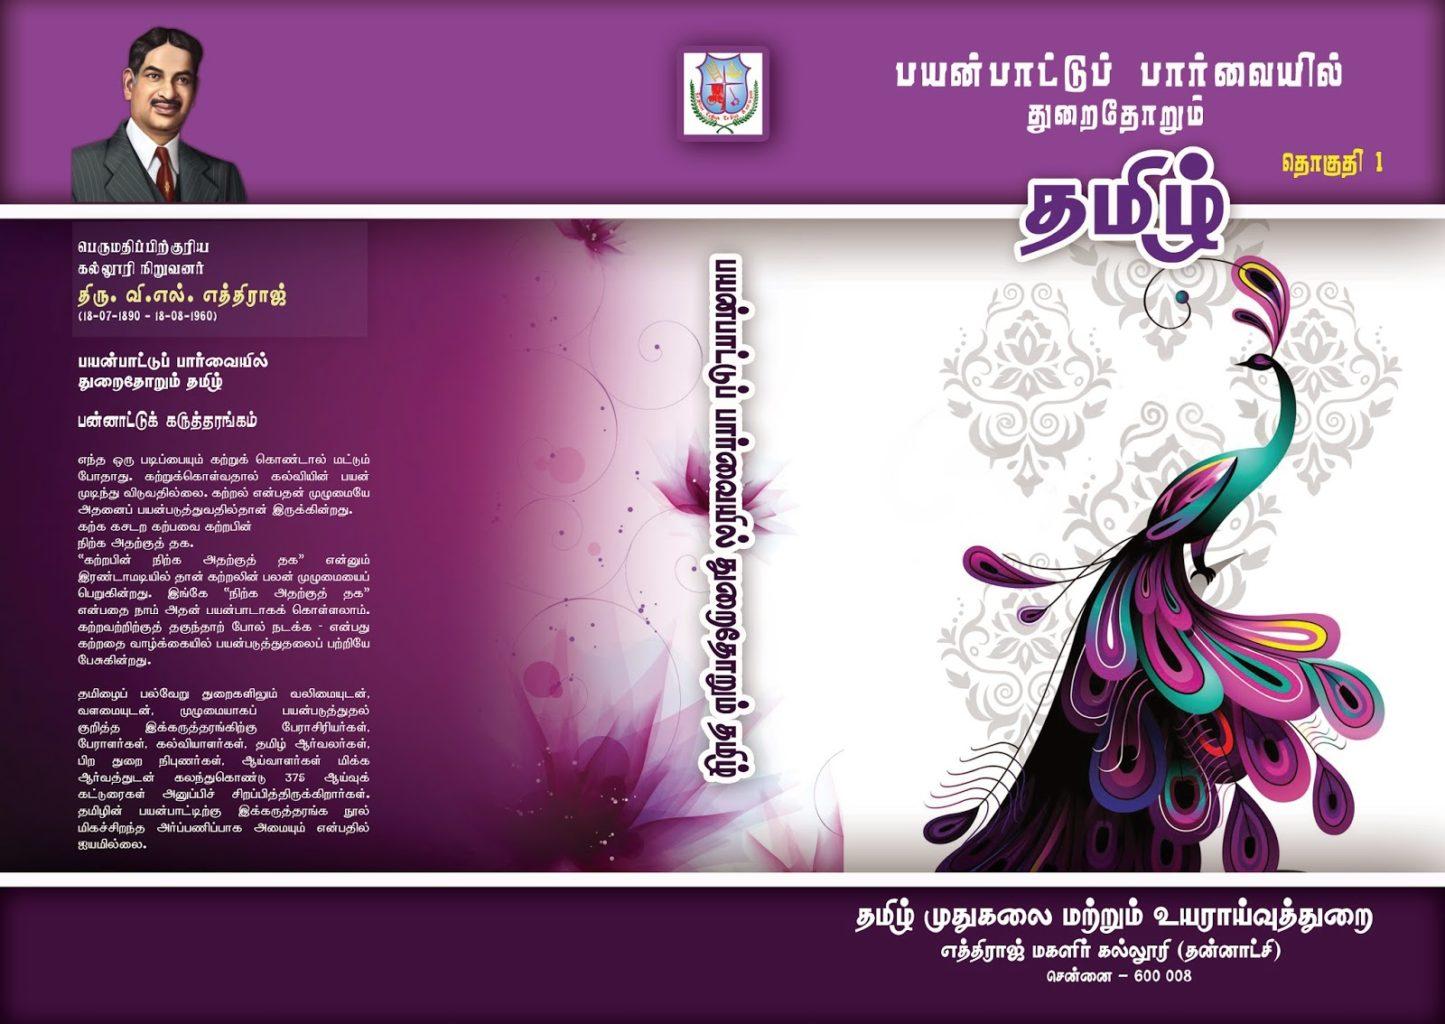 54azhai_Ethiraj_Conference_book1cover